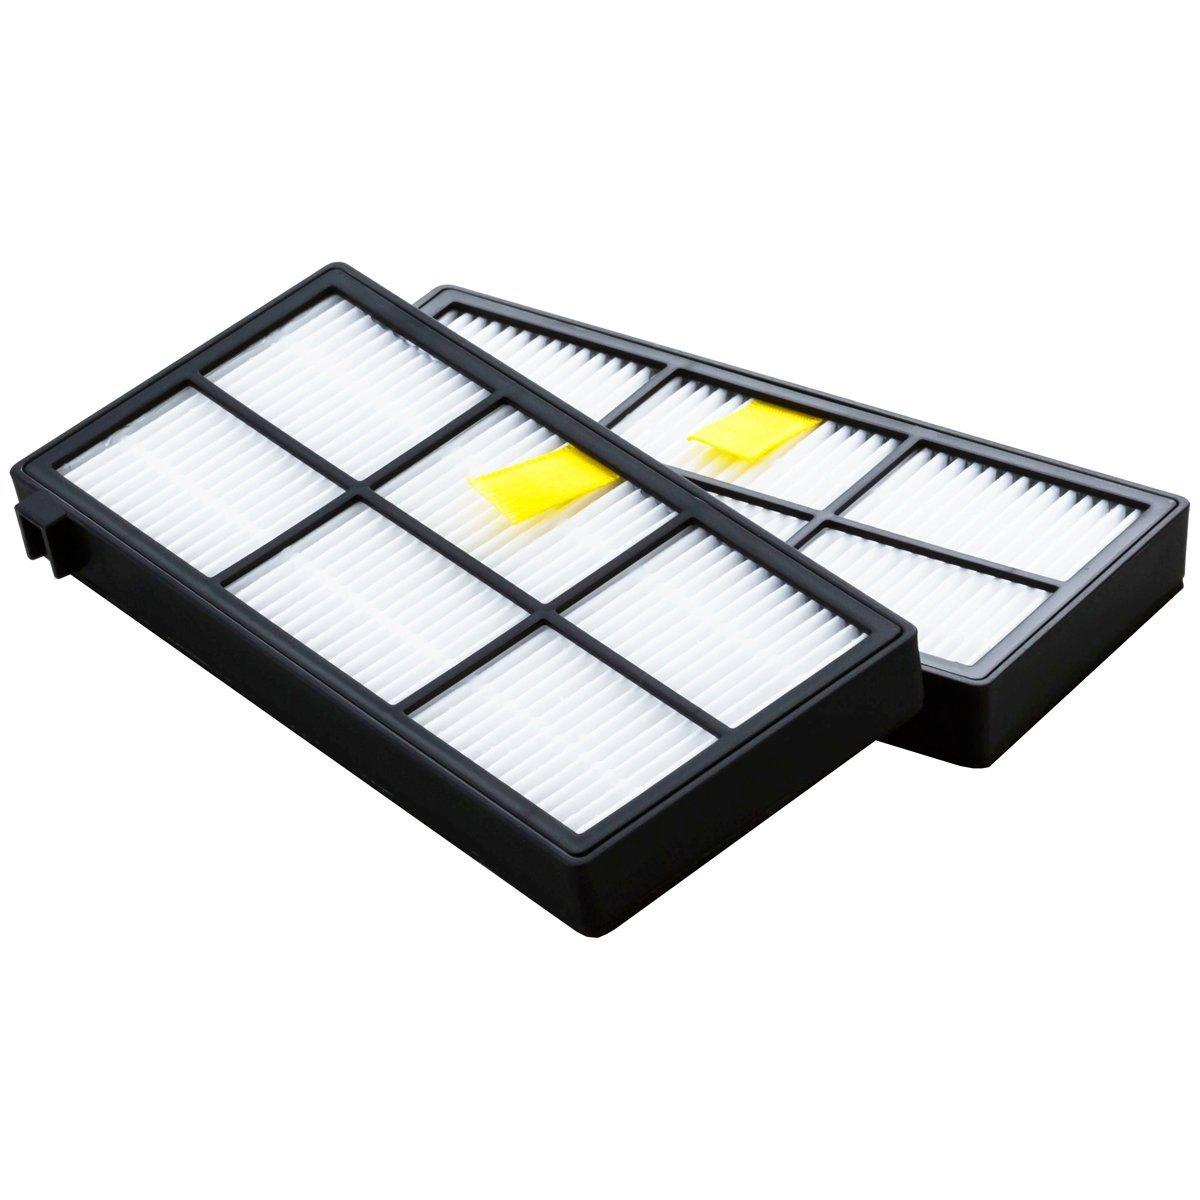 ルンバ 800/900シリーズ専用 ダストカットフィルター 2個セット iRobot 【消耗品】